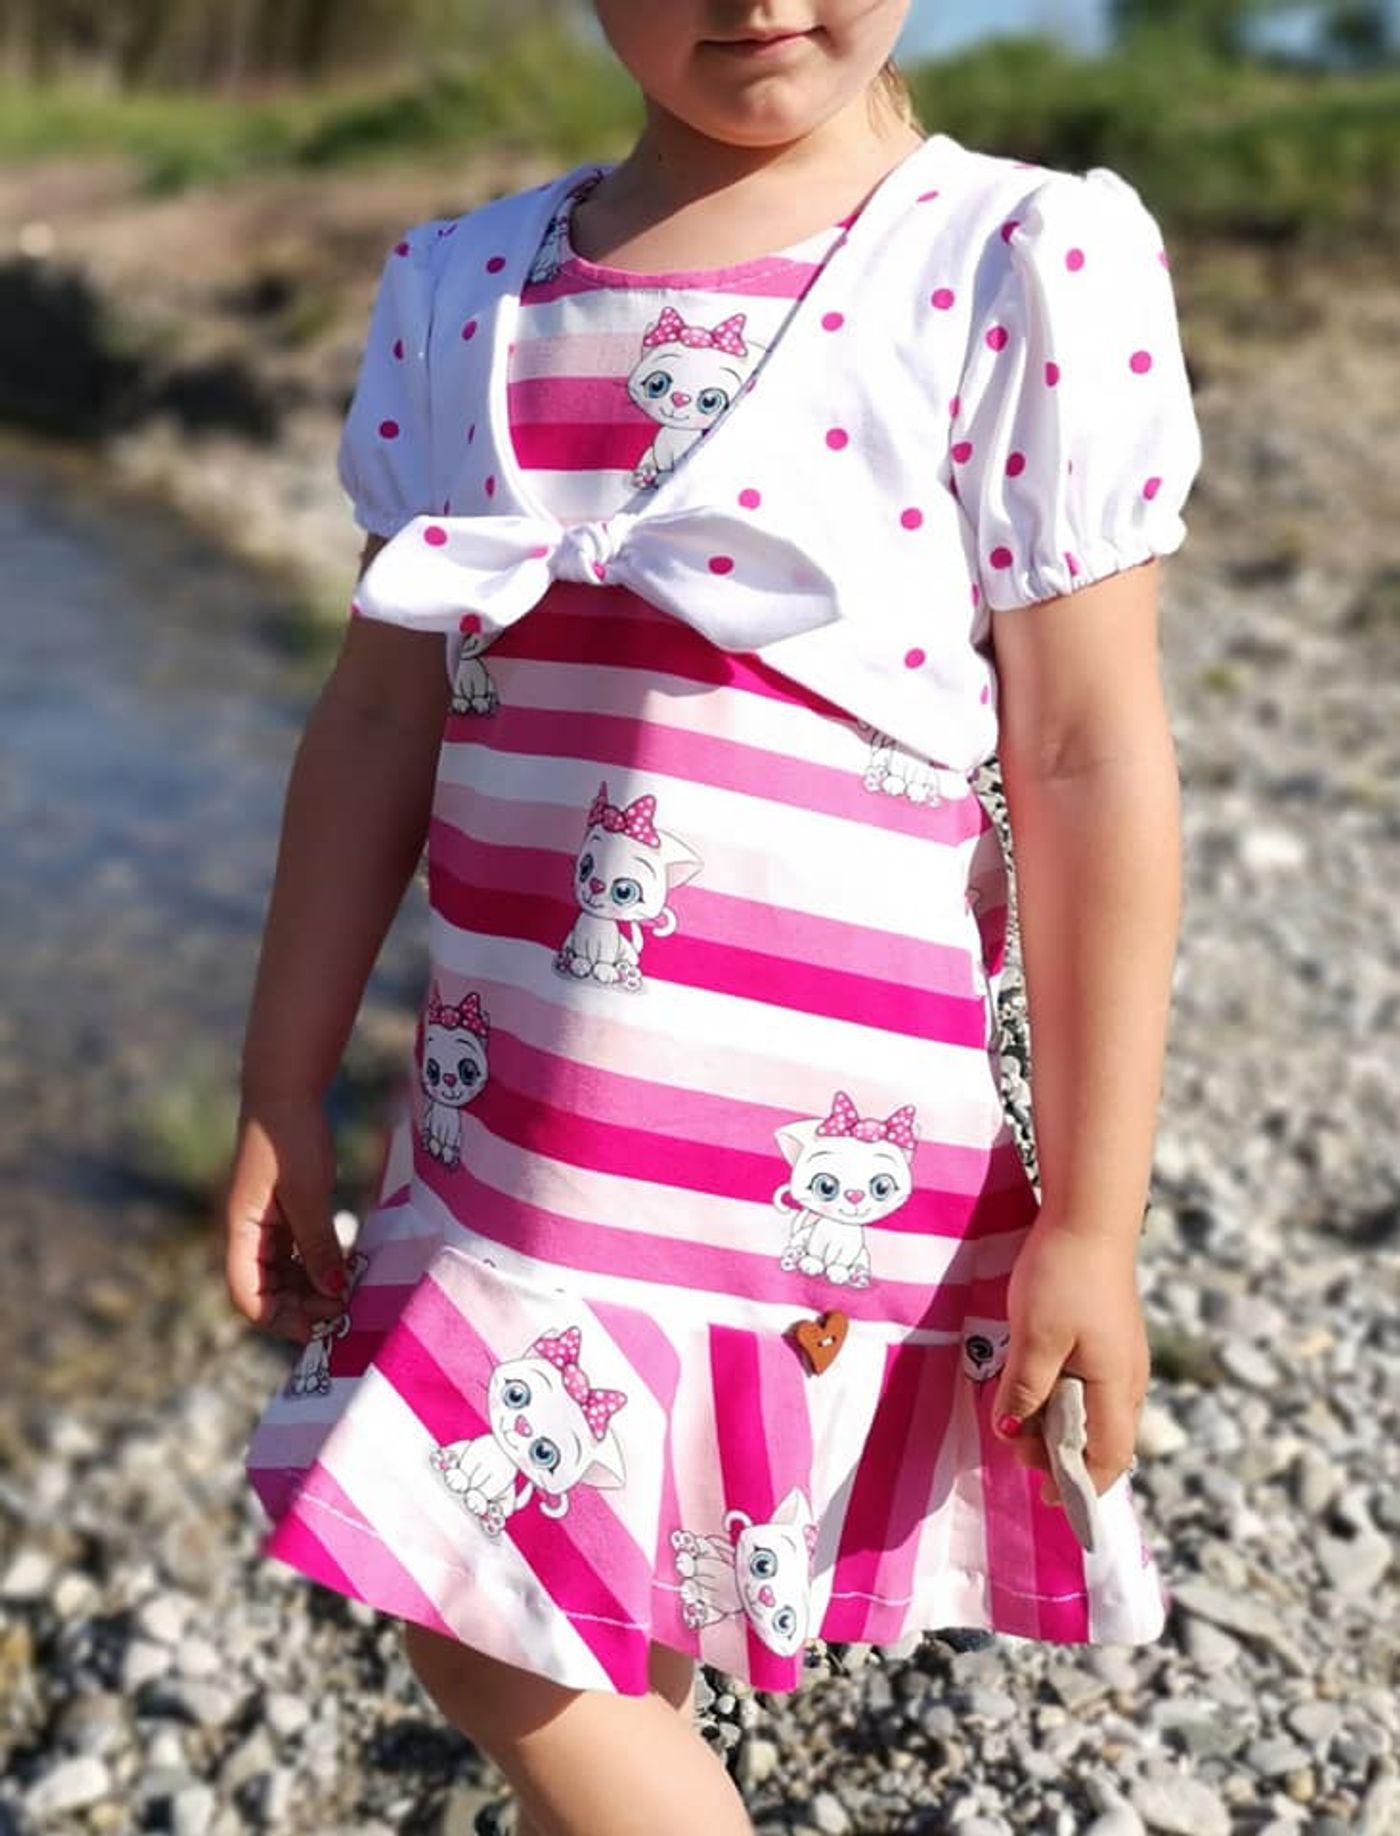 Produktfoto 16 von Happy Pearl für Schnittmuster Little SUNdrina + Happy SUNdrina Tunika/Kleid und 43cm Puppenschnitt